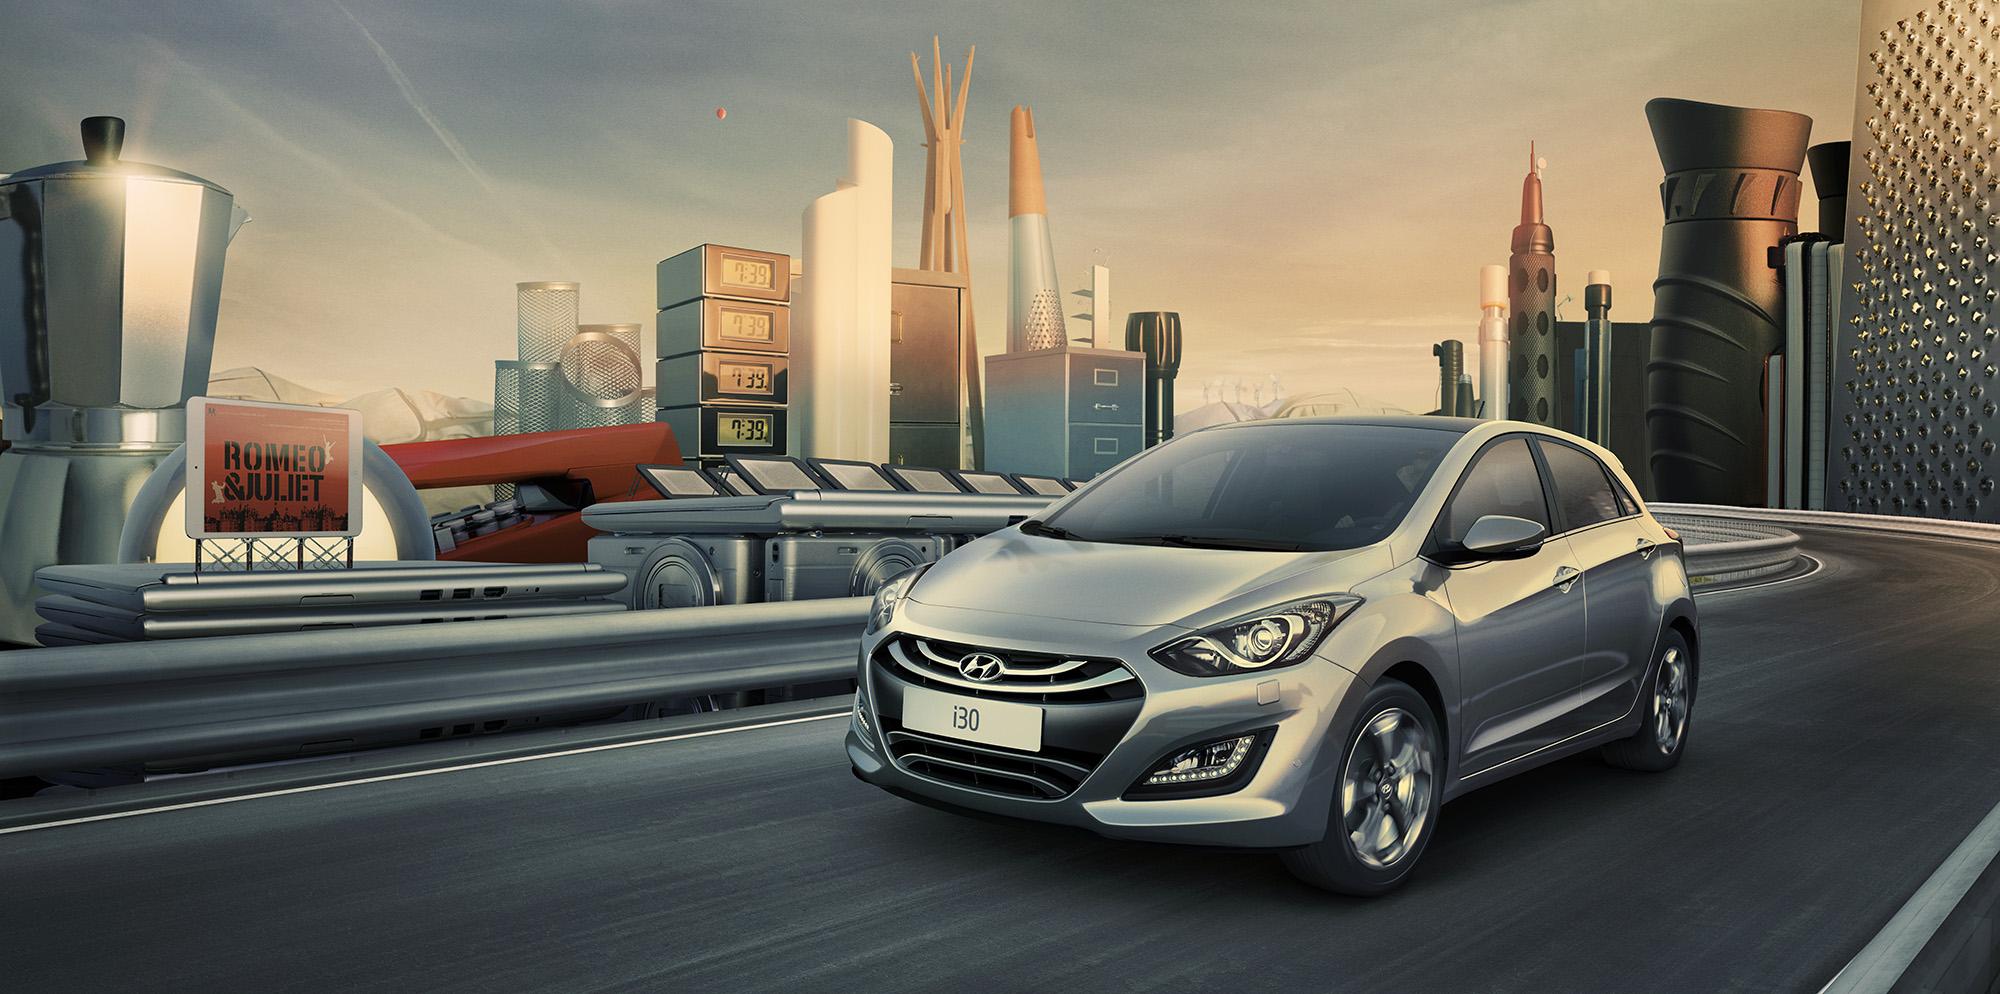 Hyundai i30_lowrez.jpg